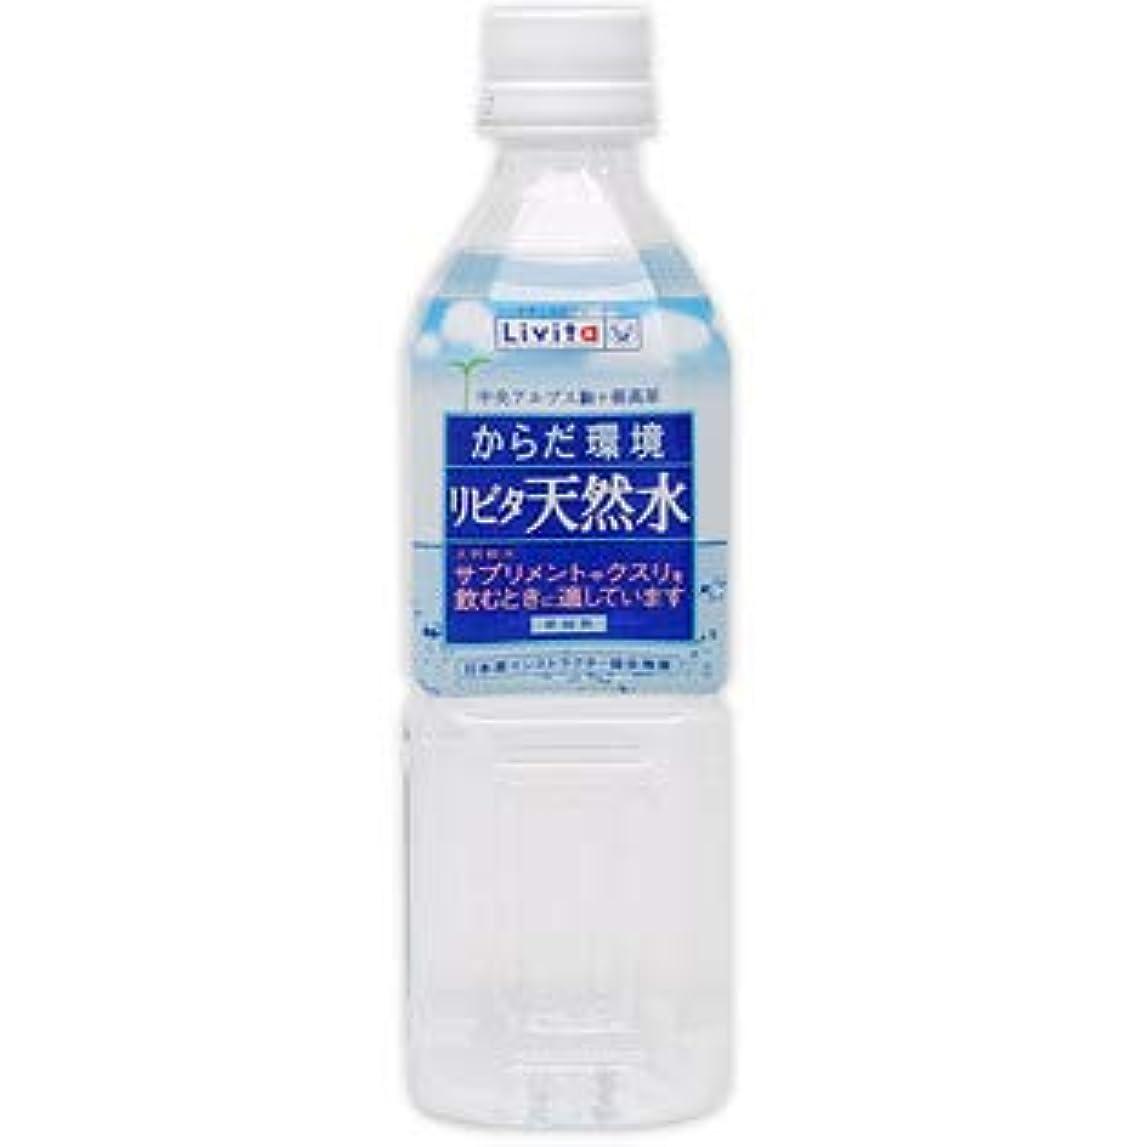 卑しい告白する先入観サプリメントやクスリを飲むときに天然軟水 リビタ天然水500ml